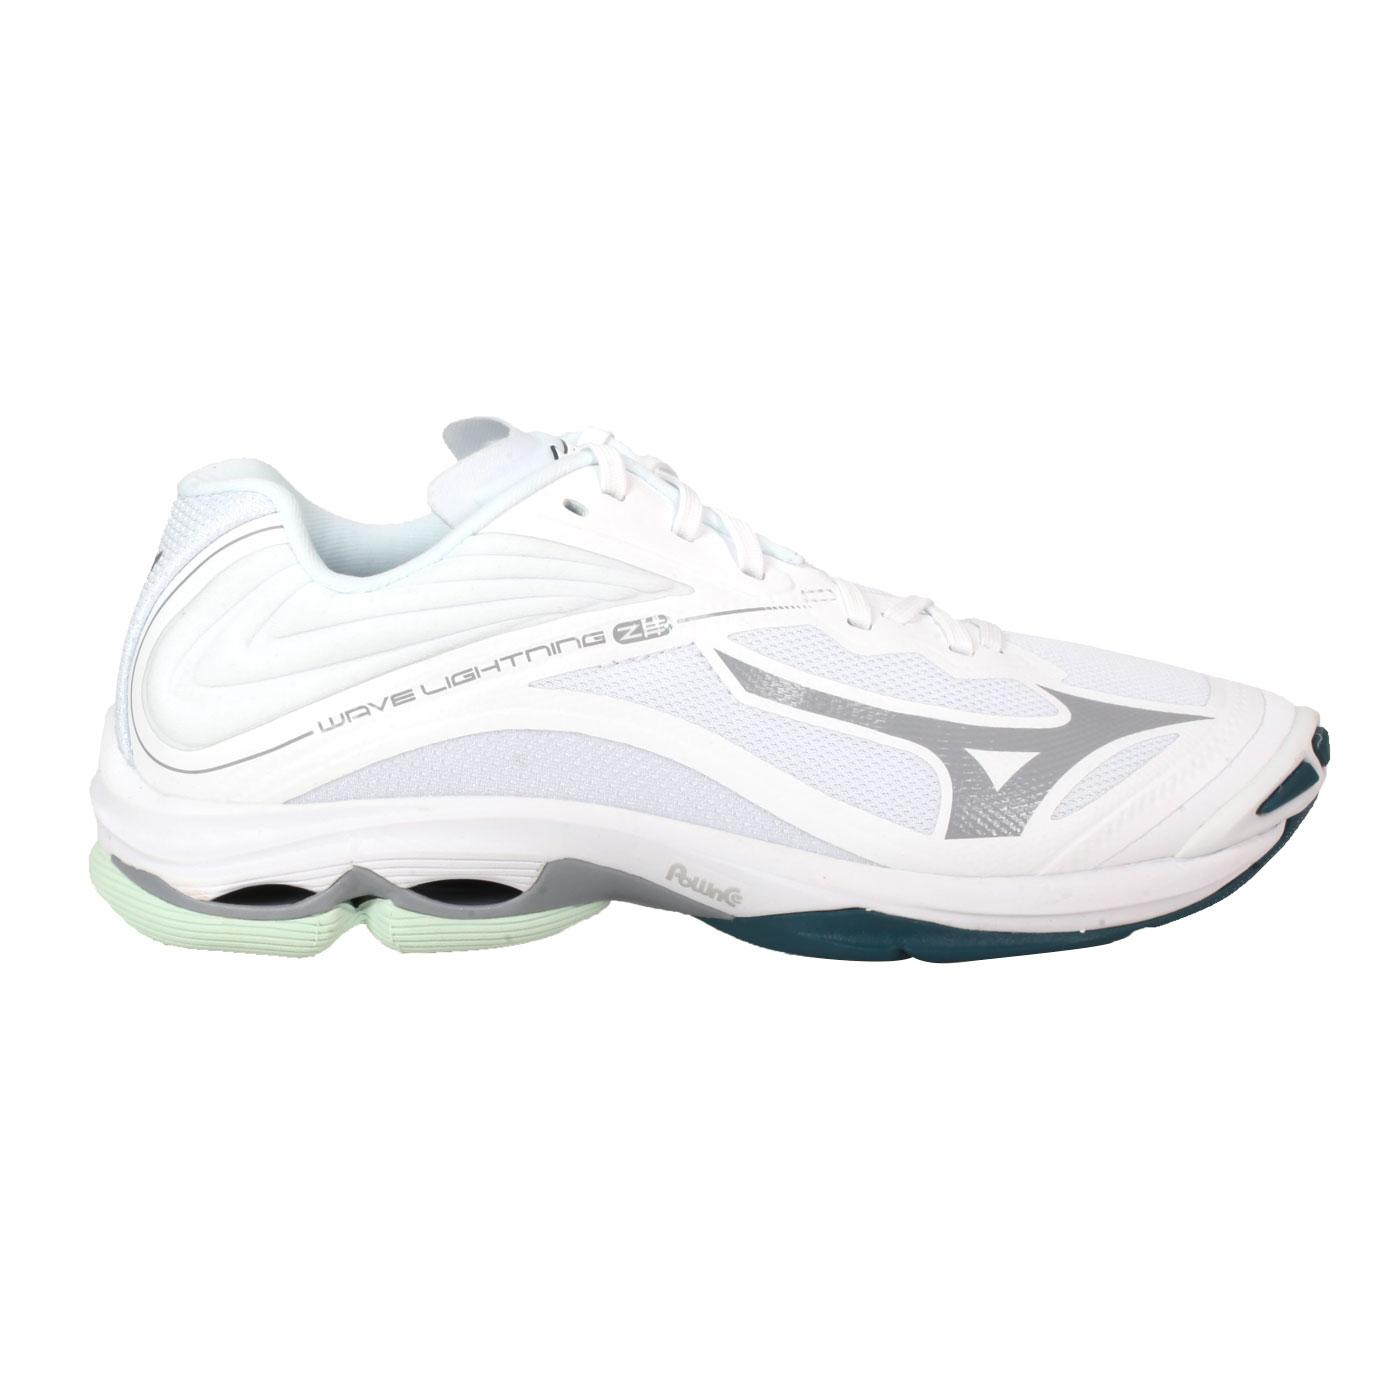 MIZUNO 男款排球鞋  @WAVE LIGHTNING Z6@V1GA200007